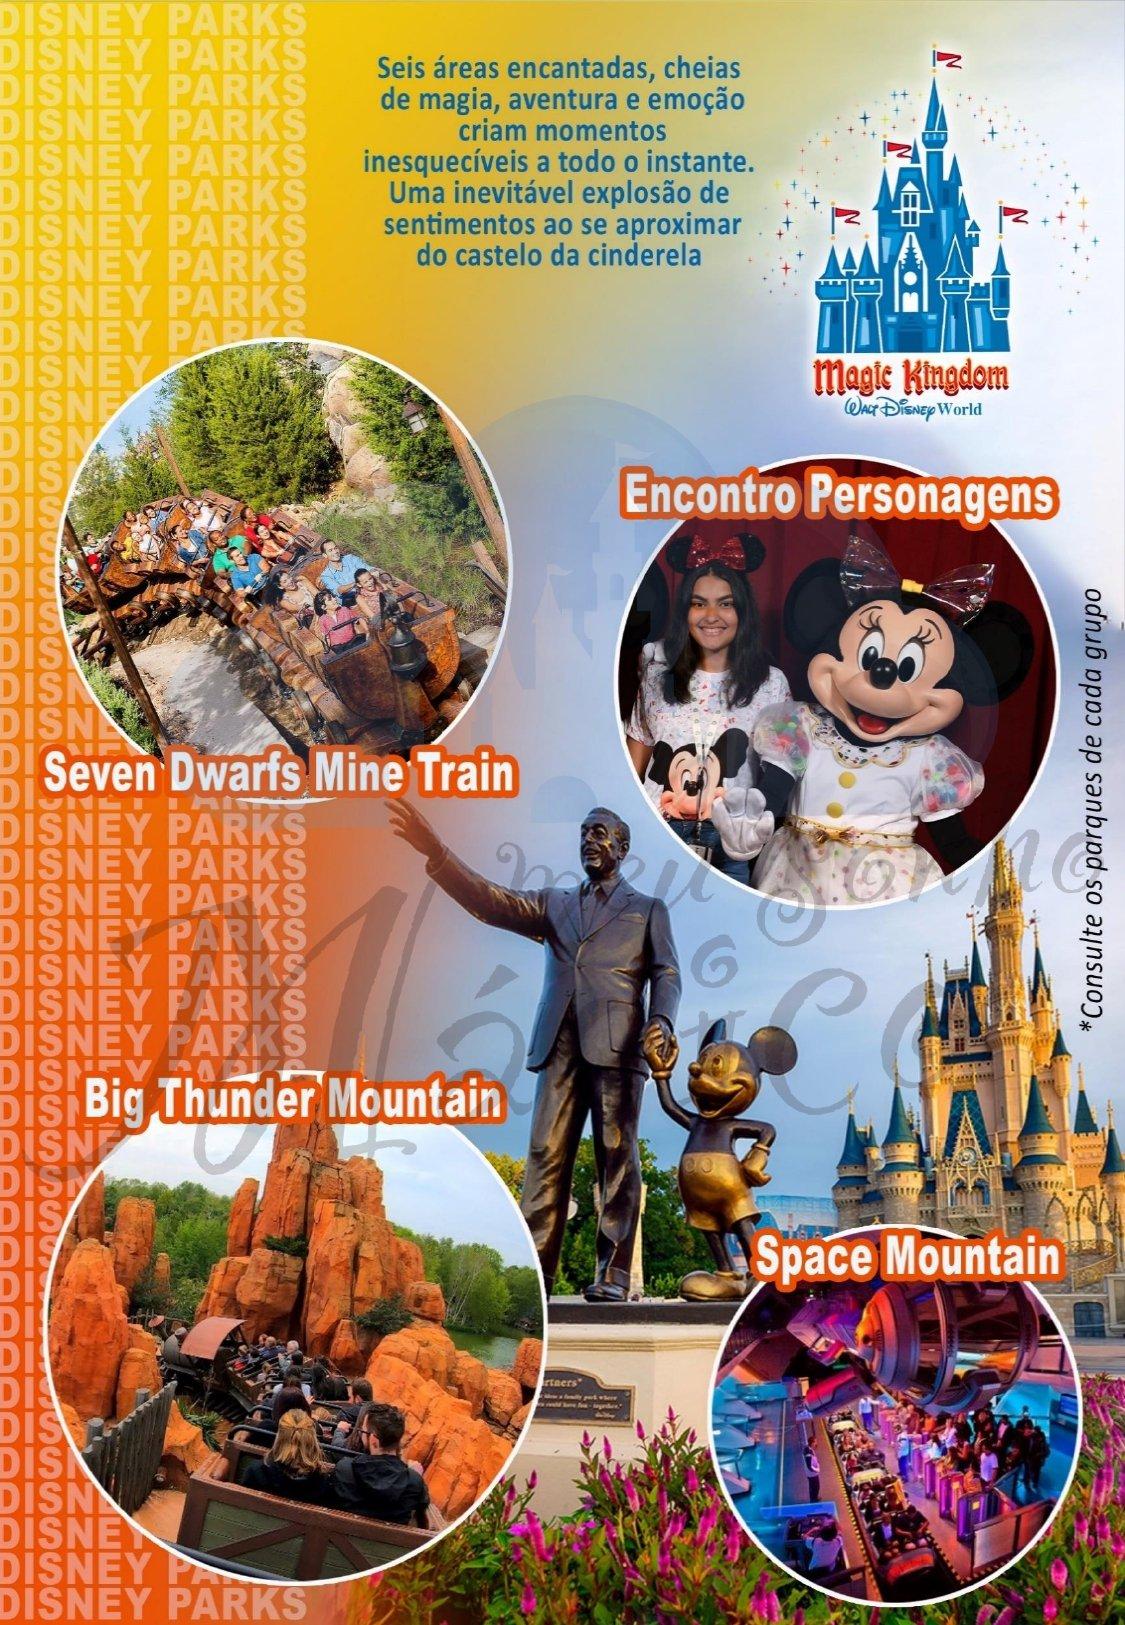 Grupo Teen Verão - Disney Julho 2022 8